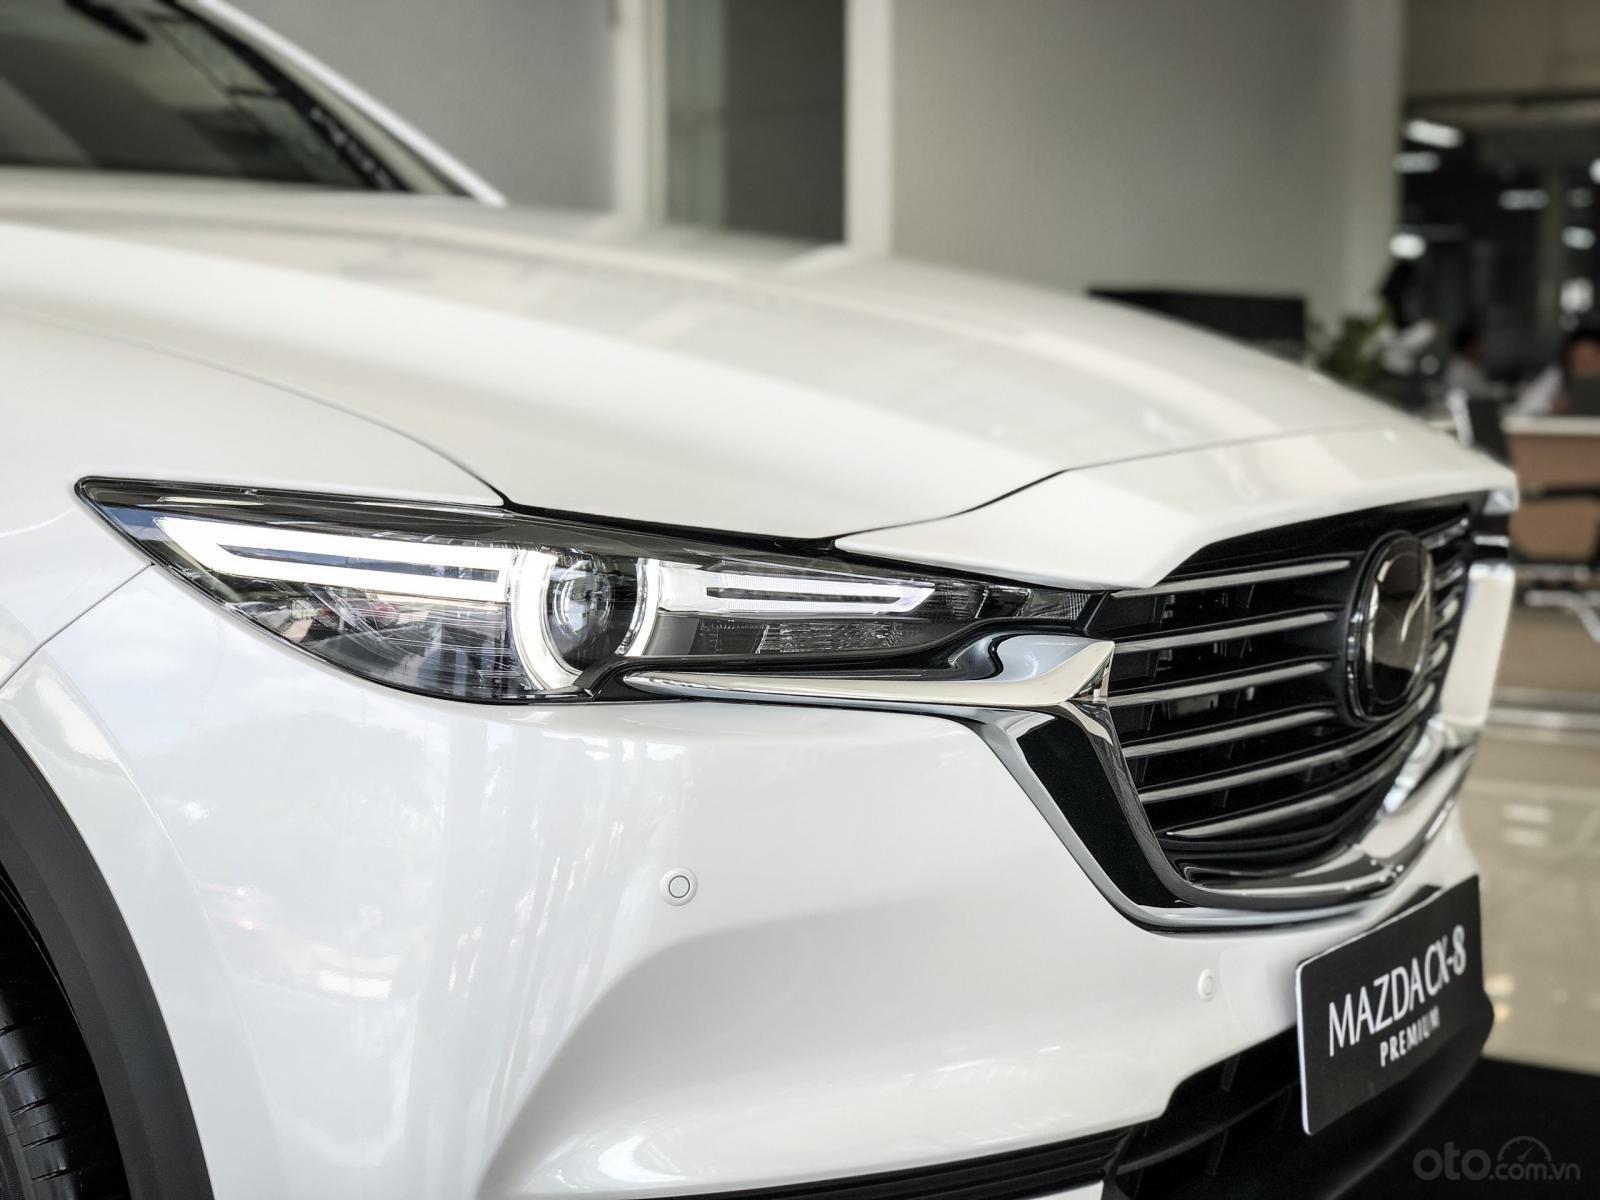 Mazda SUV 7 chỗ CX8 đủ màu, giảm giá + quà tặng, chỉ 314tr nhận xe ngay- Hỗ trợ mọi thủ tục và giao xe tận nhà (21)